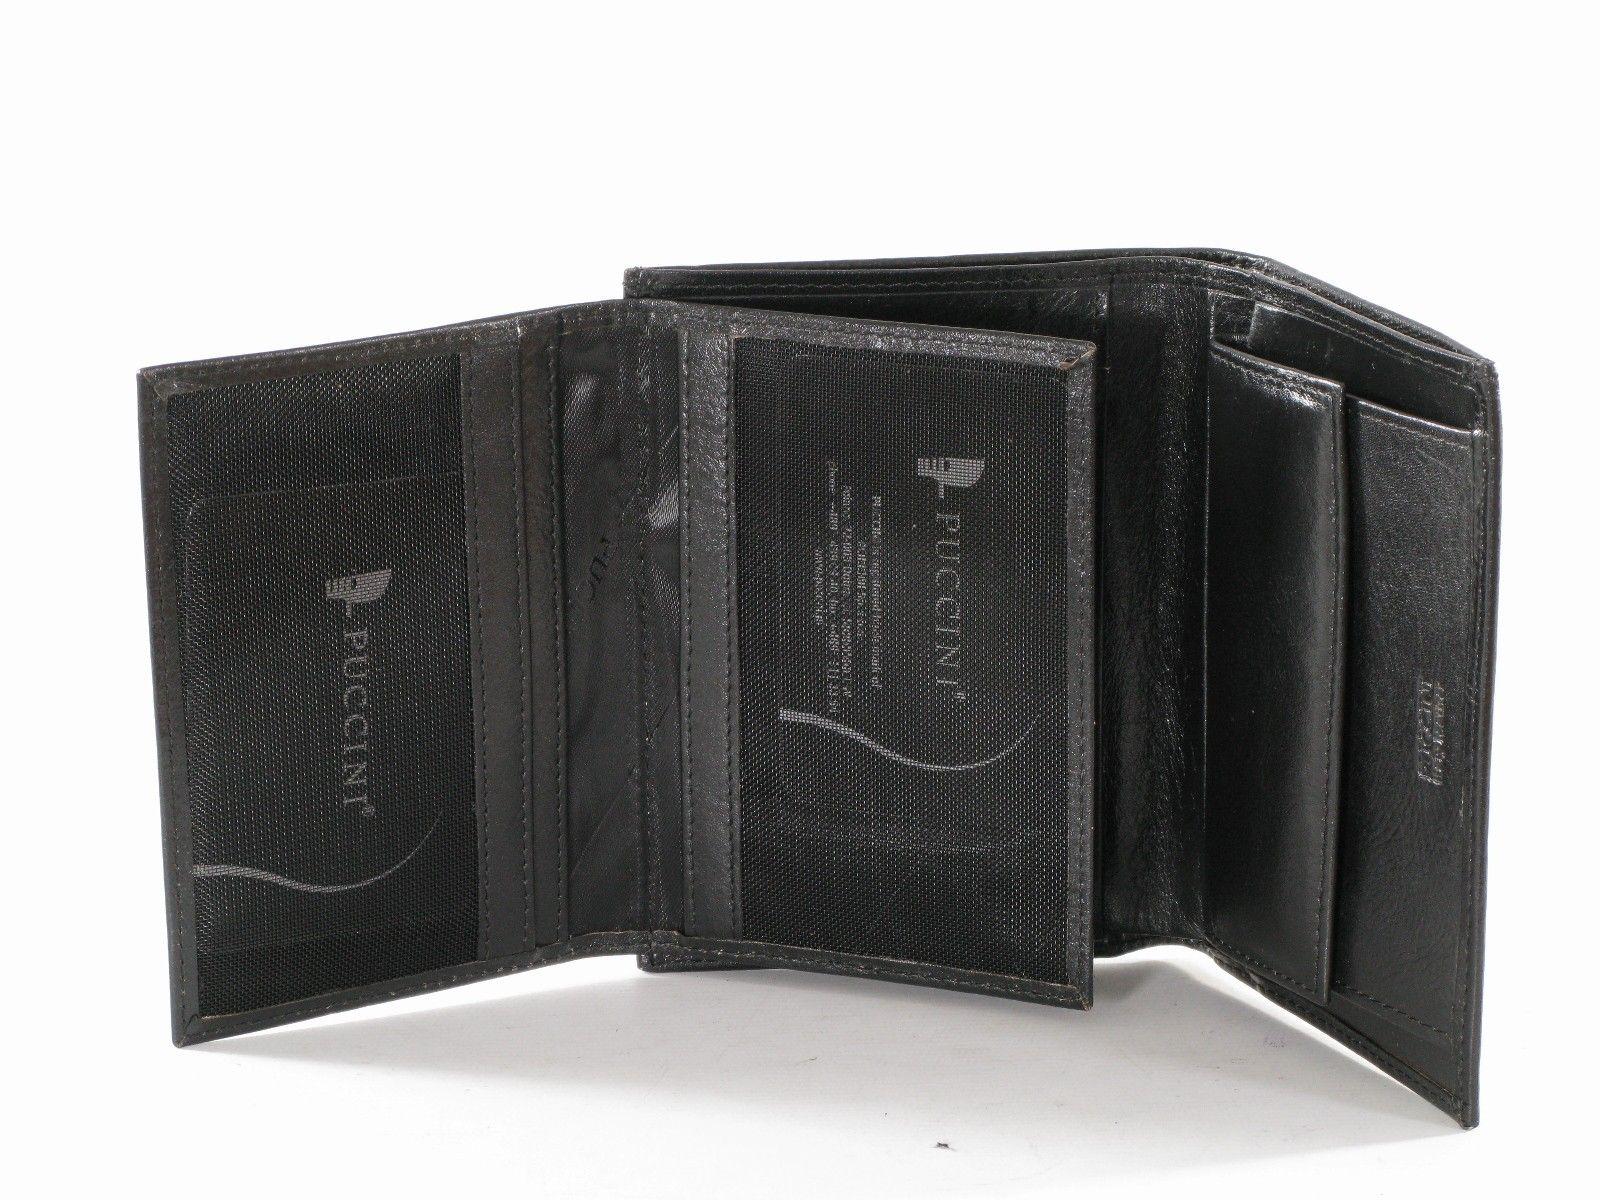 d4b903b15046a Portfel skórzany Męski Puccini P-1696 czarny   Akcesoria skórzane ...